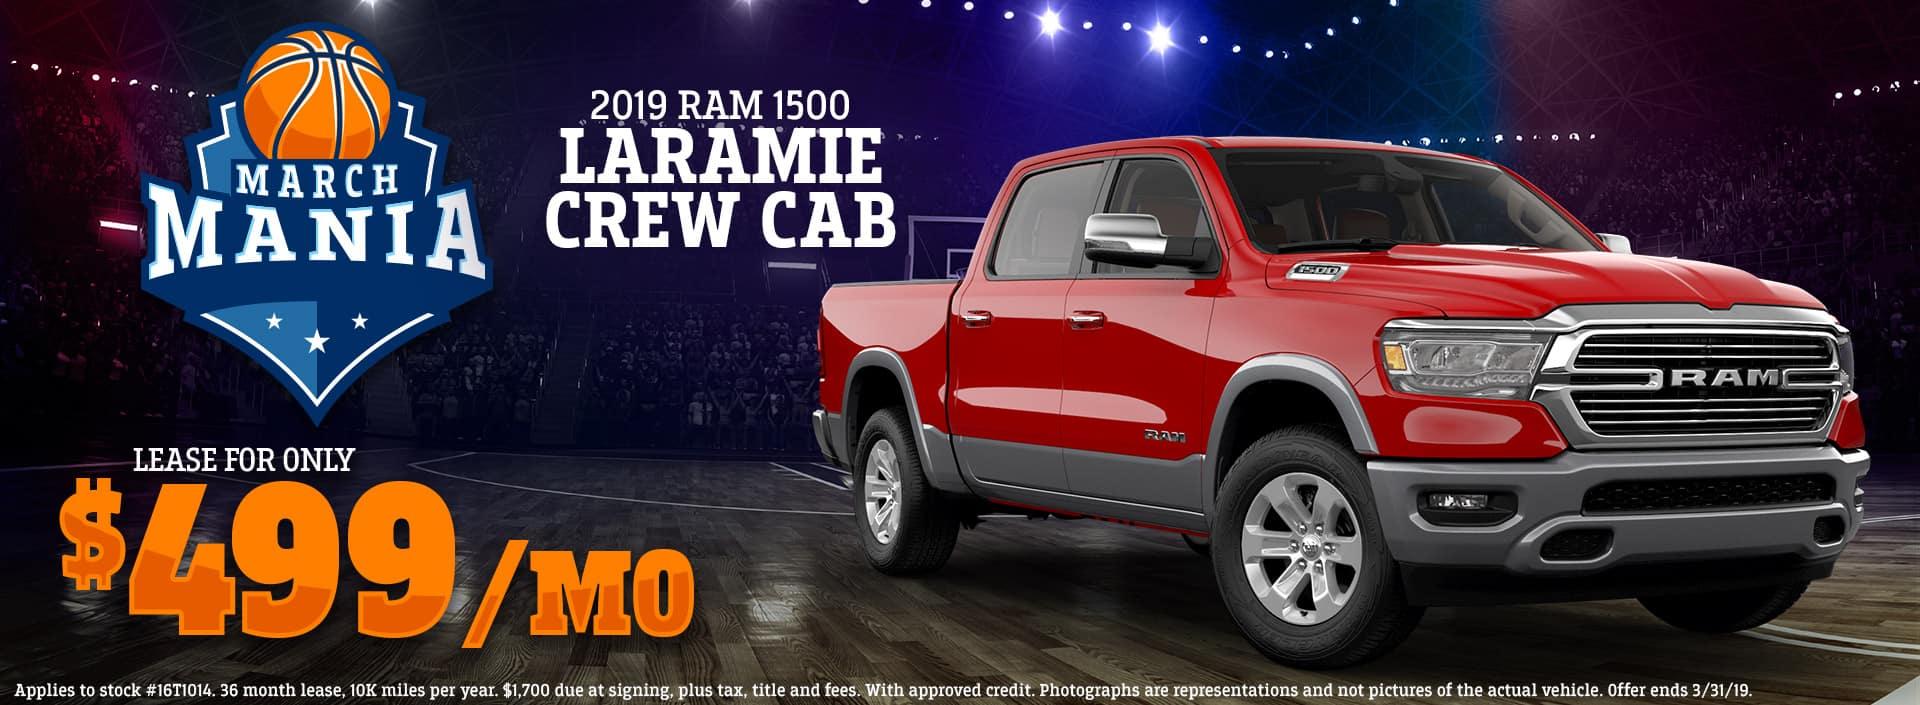 3.19 - 2019 RAM 1500 Laramie Crew Cab